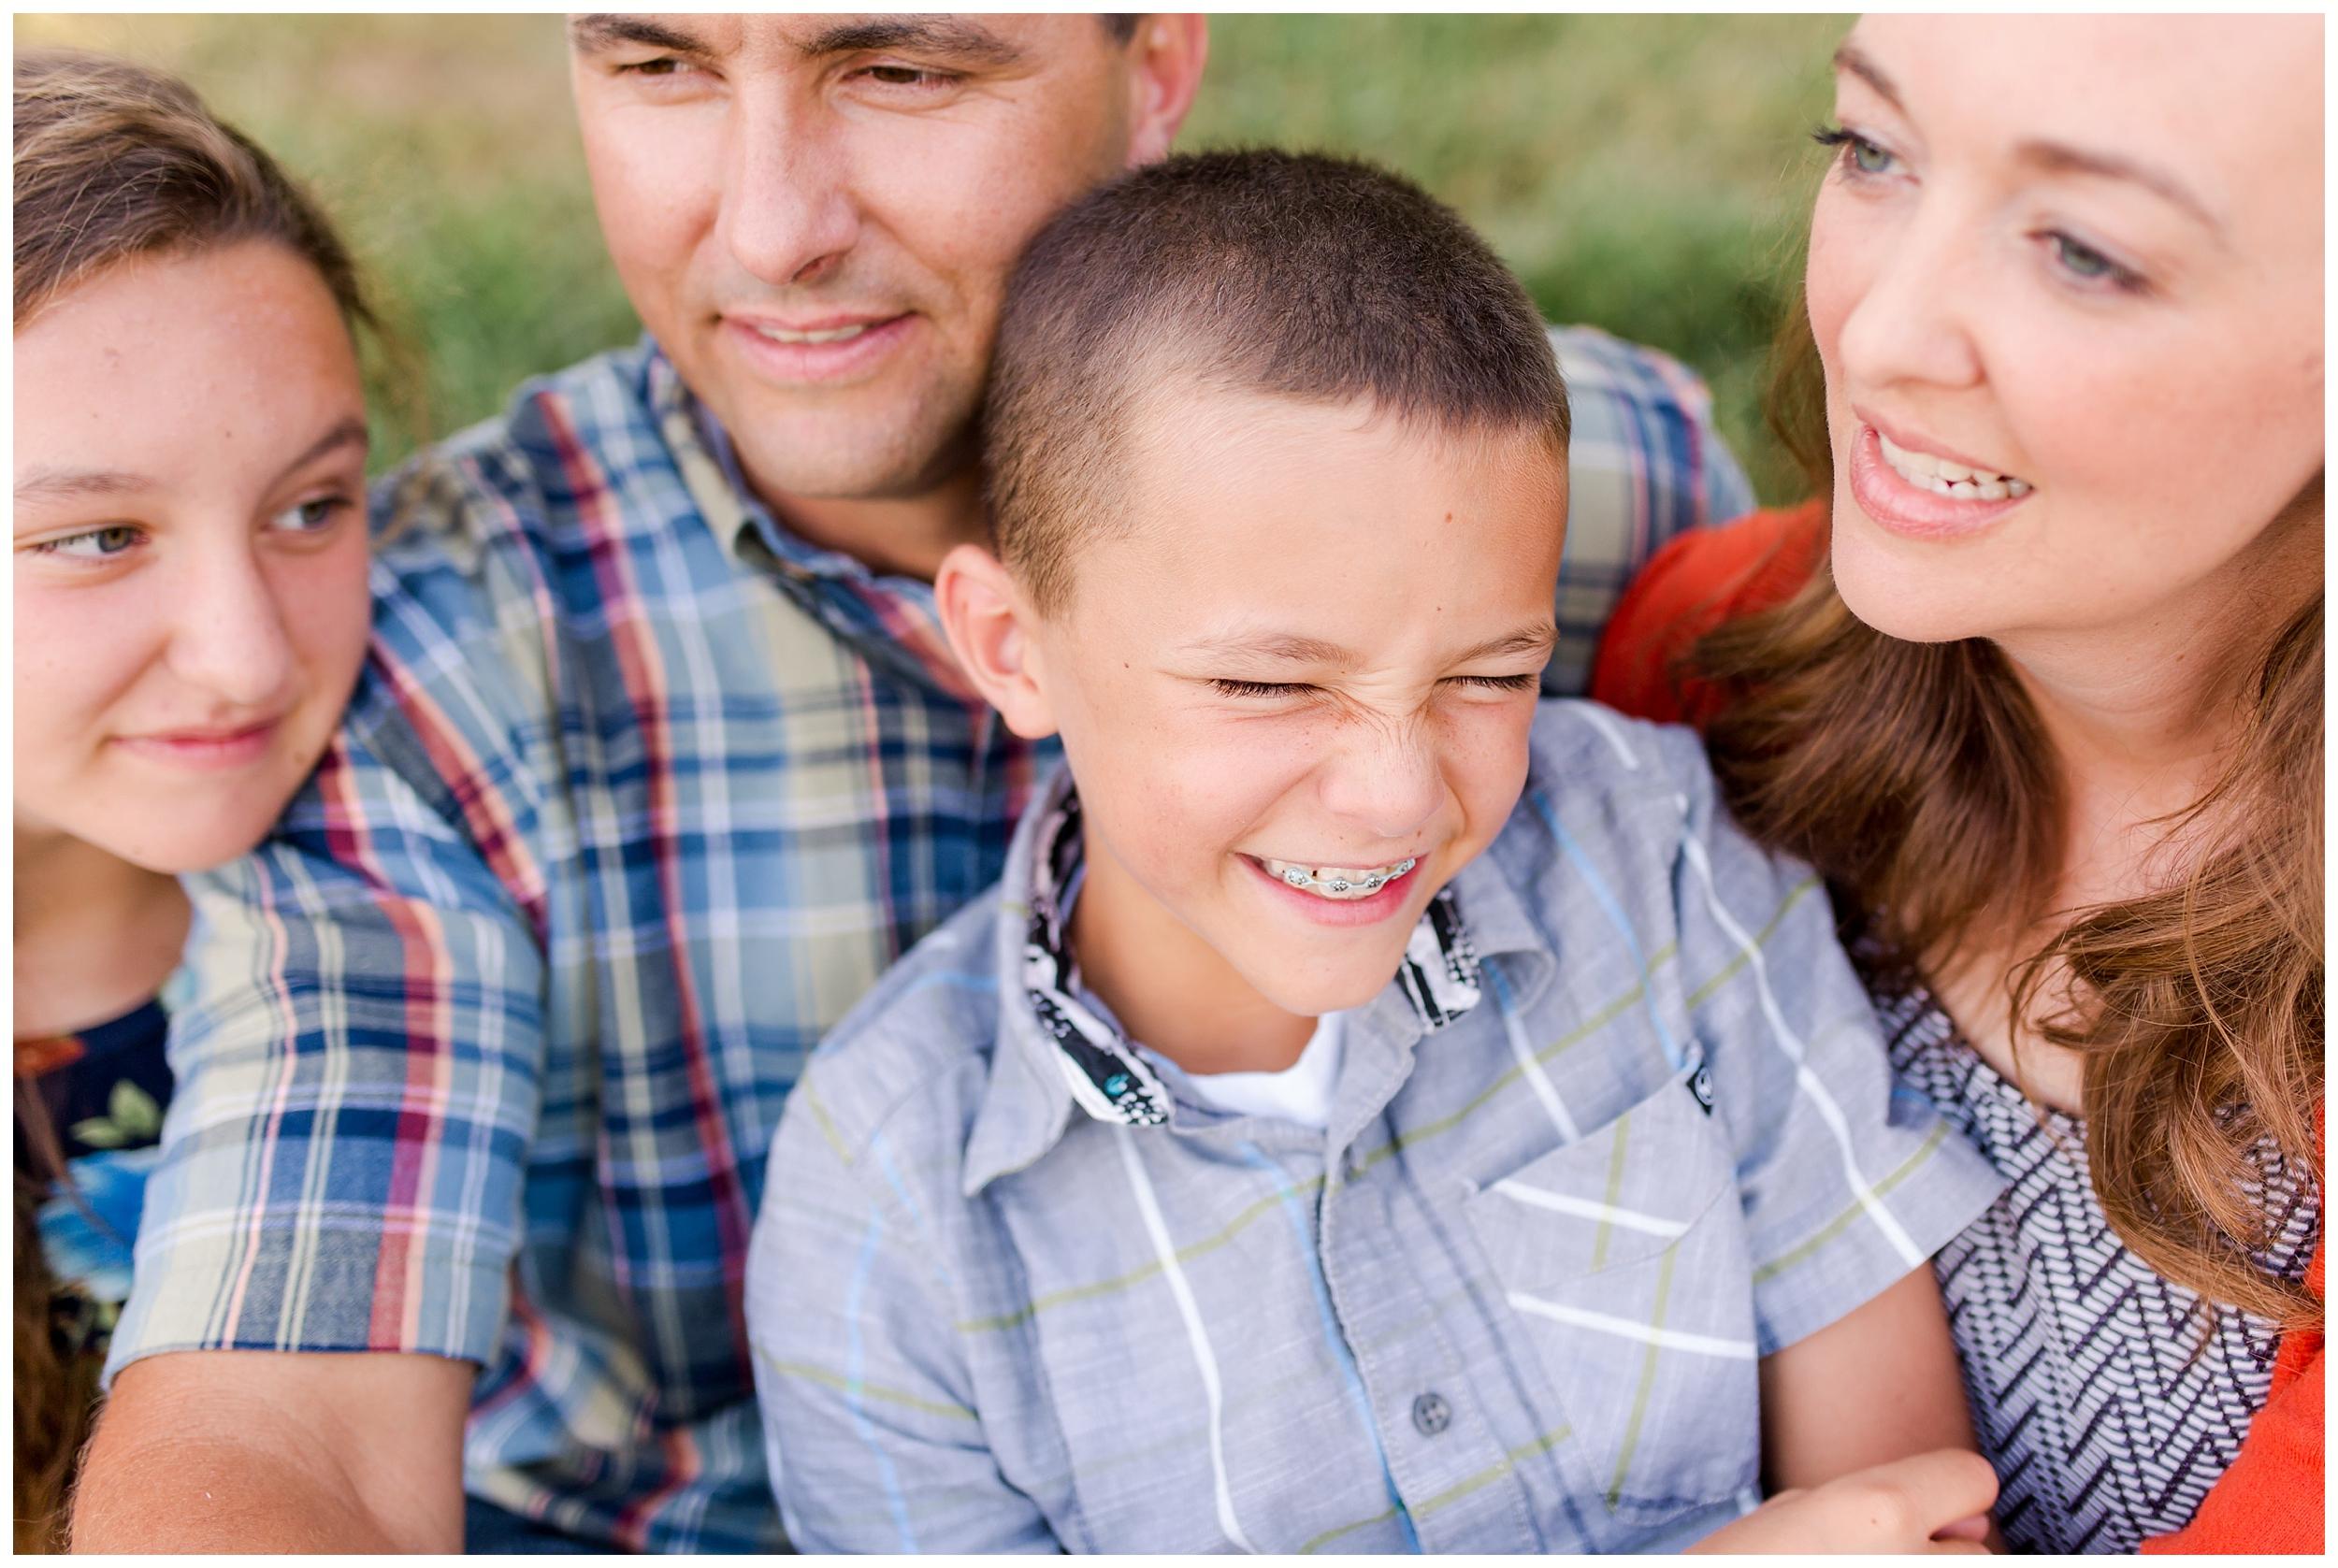 lexington-ky-family-lifestyle-photos-by-priscilla-baierlein_0478.jpg